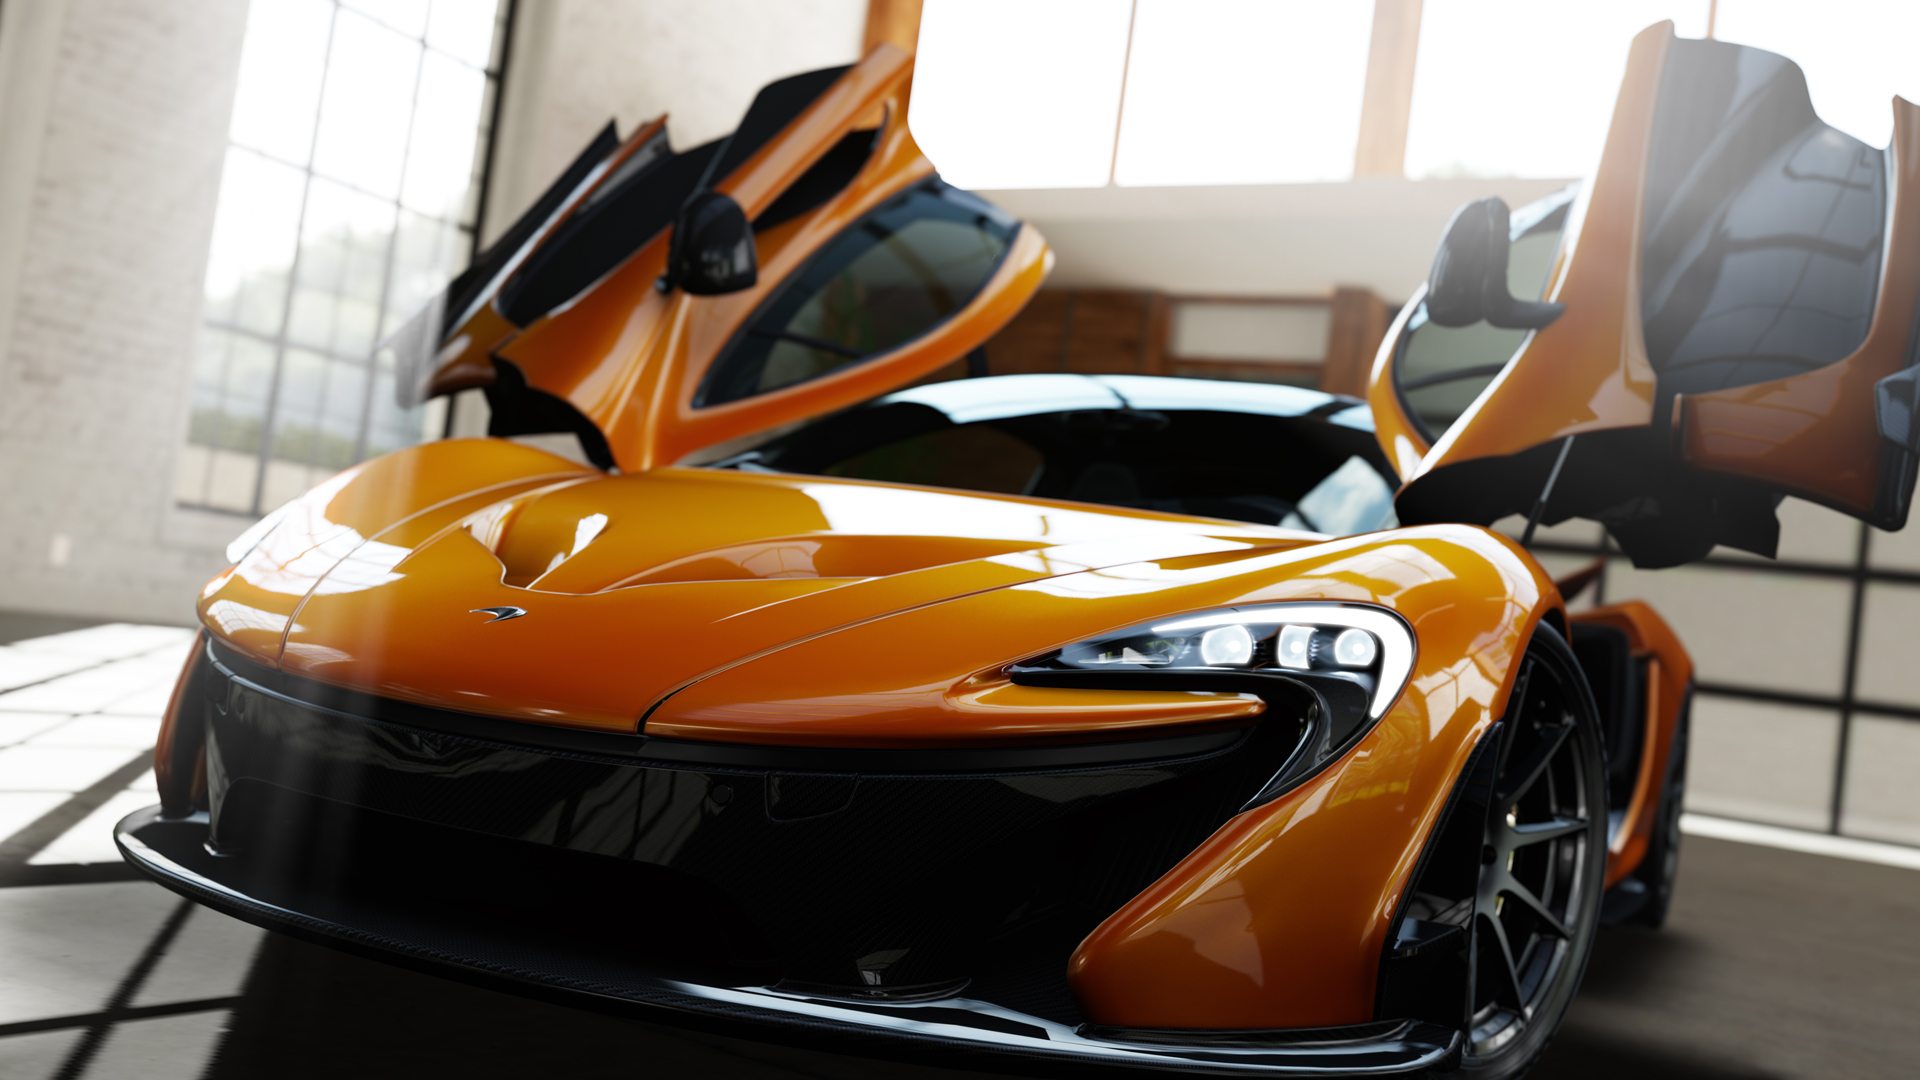 McLaren P1 in Forza Motorsport 5 Exclusive HD Wallpapers 5100 1920x1080